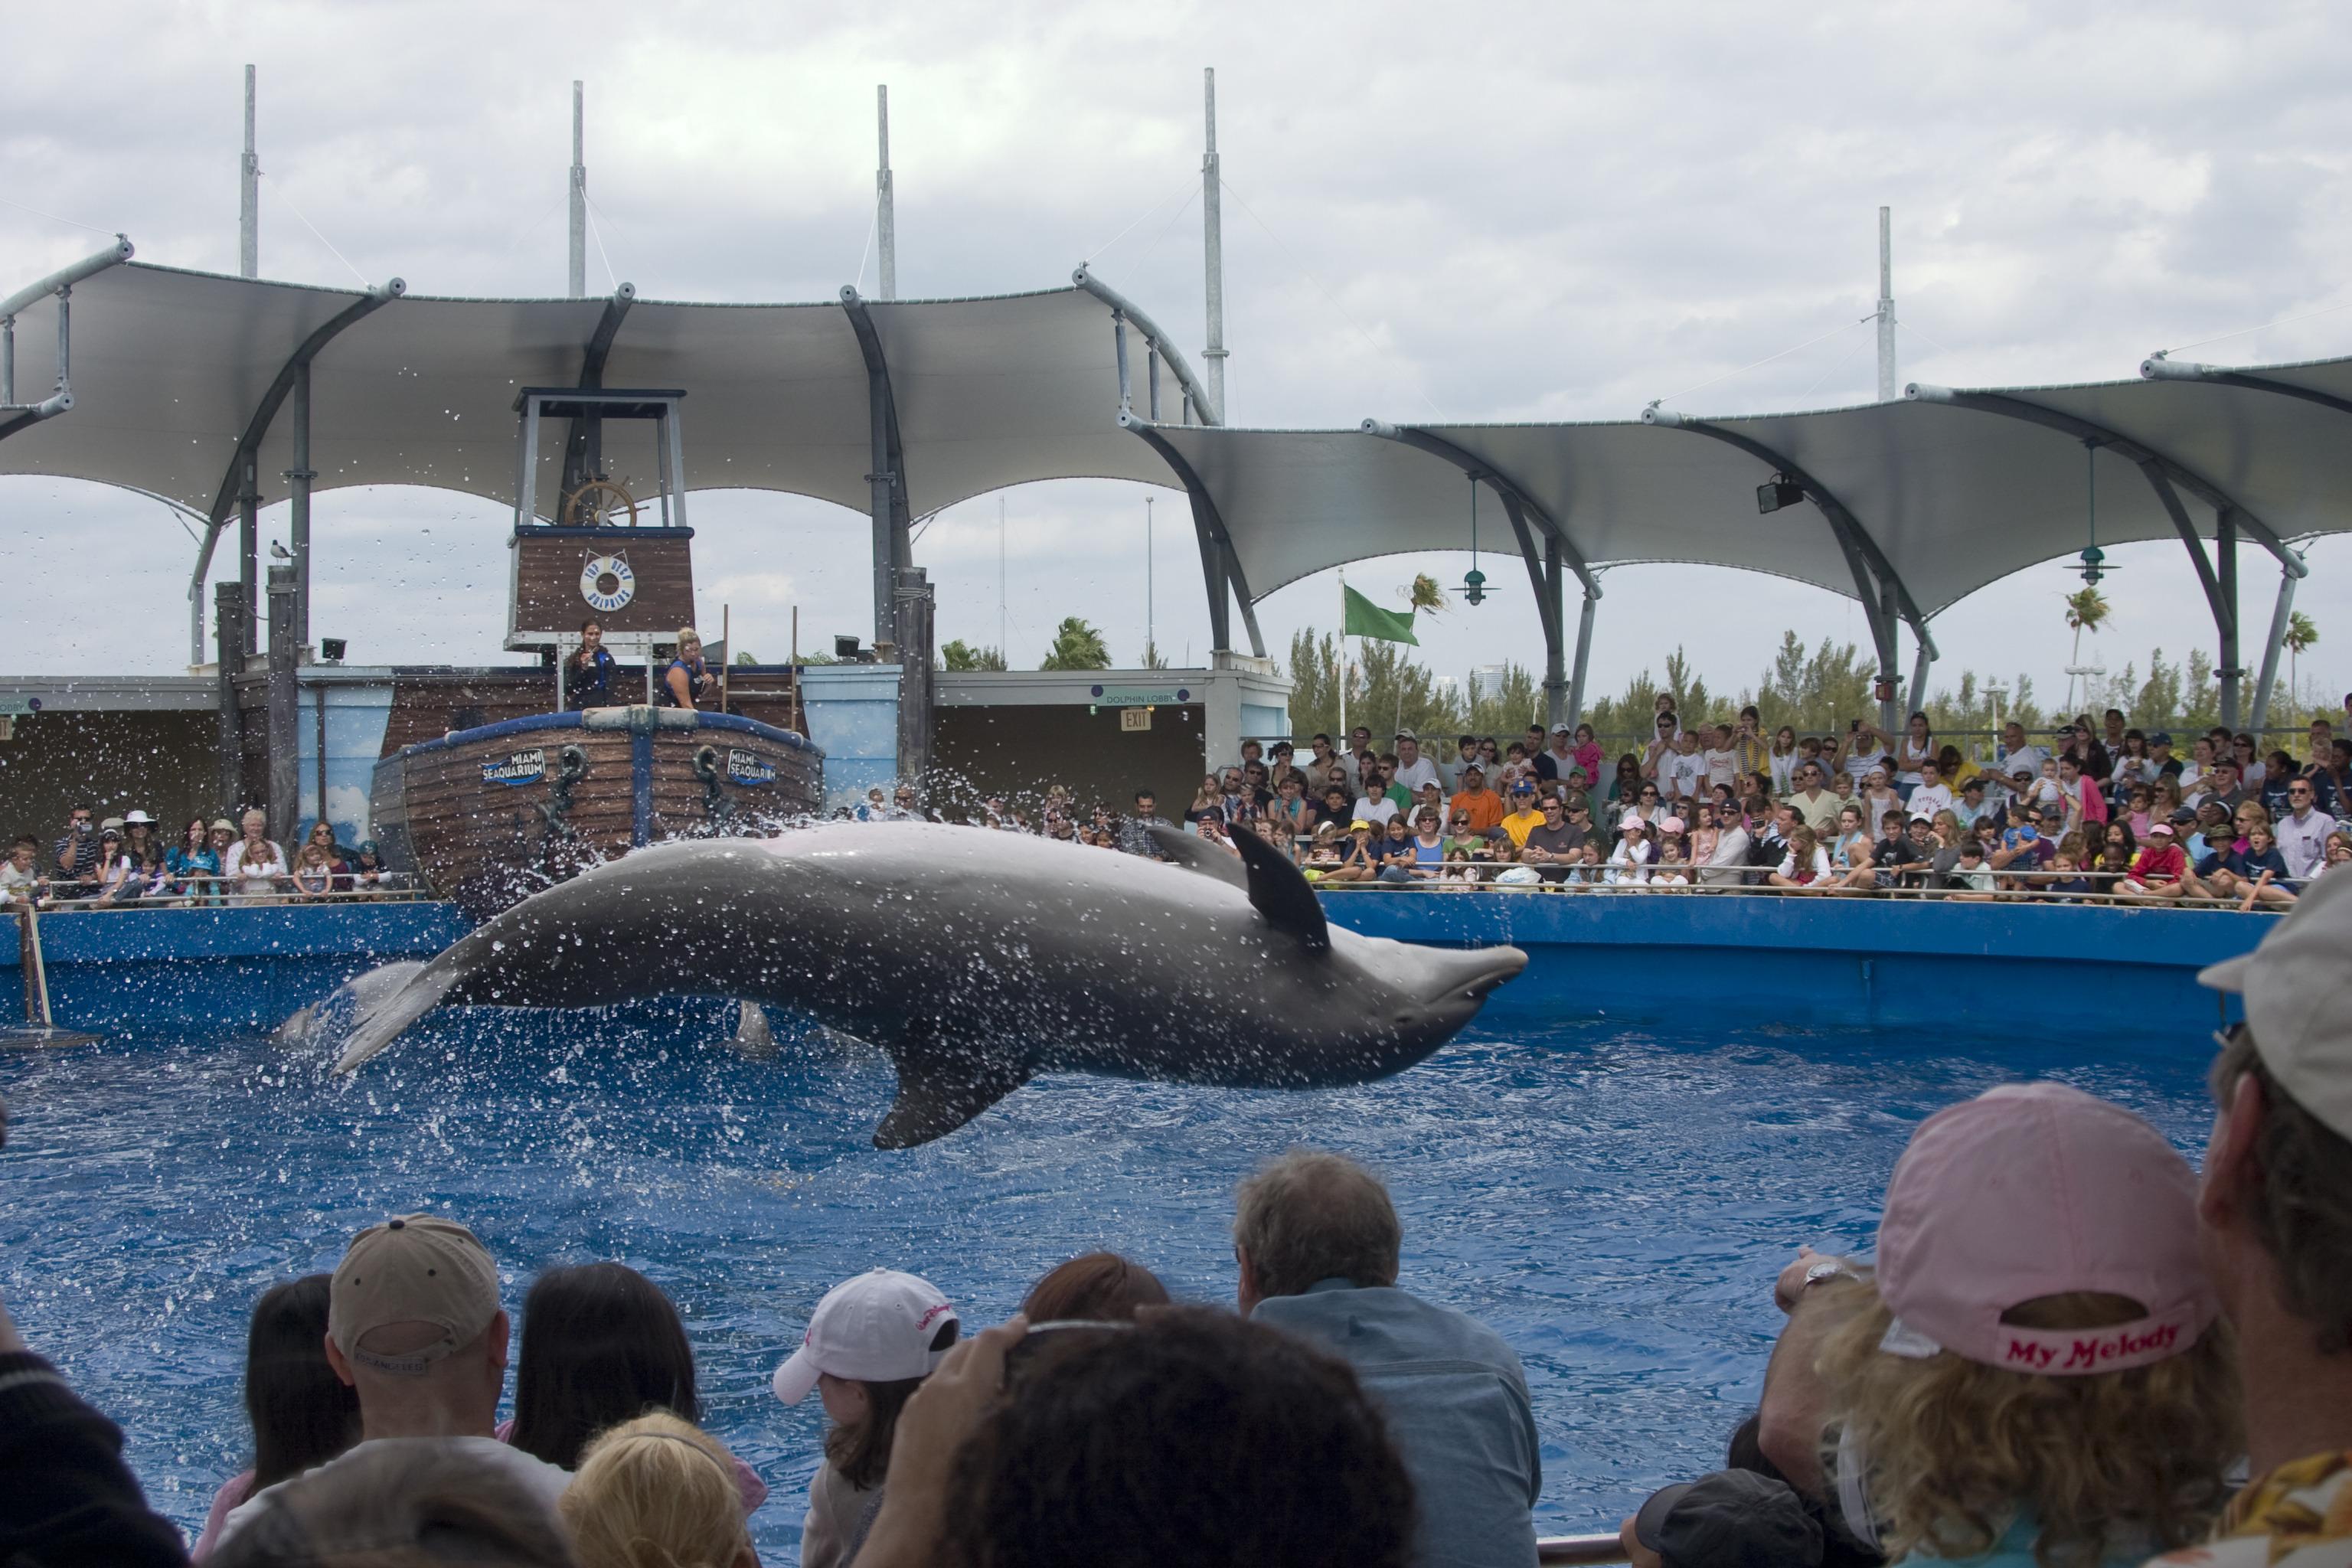 シャチとマナティに出会えるマイアミ・シークエリアム(水族館)とマイアミいいとこどり!ハイライト観光